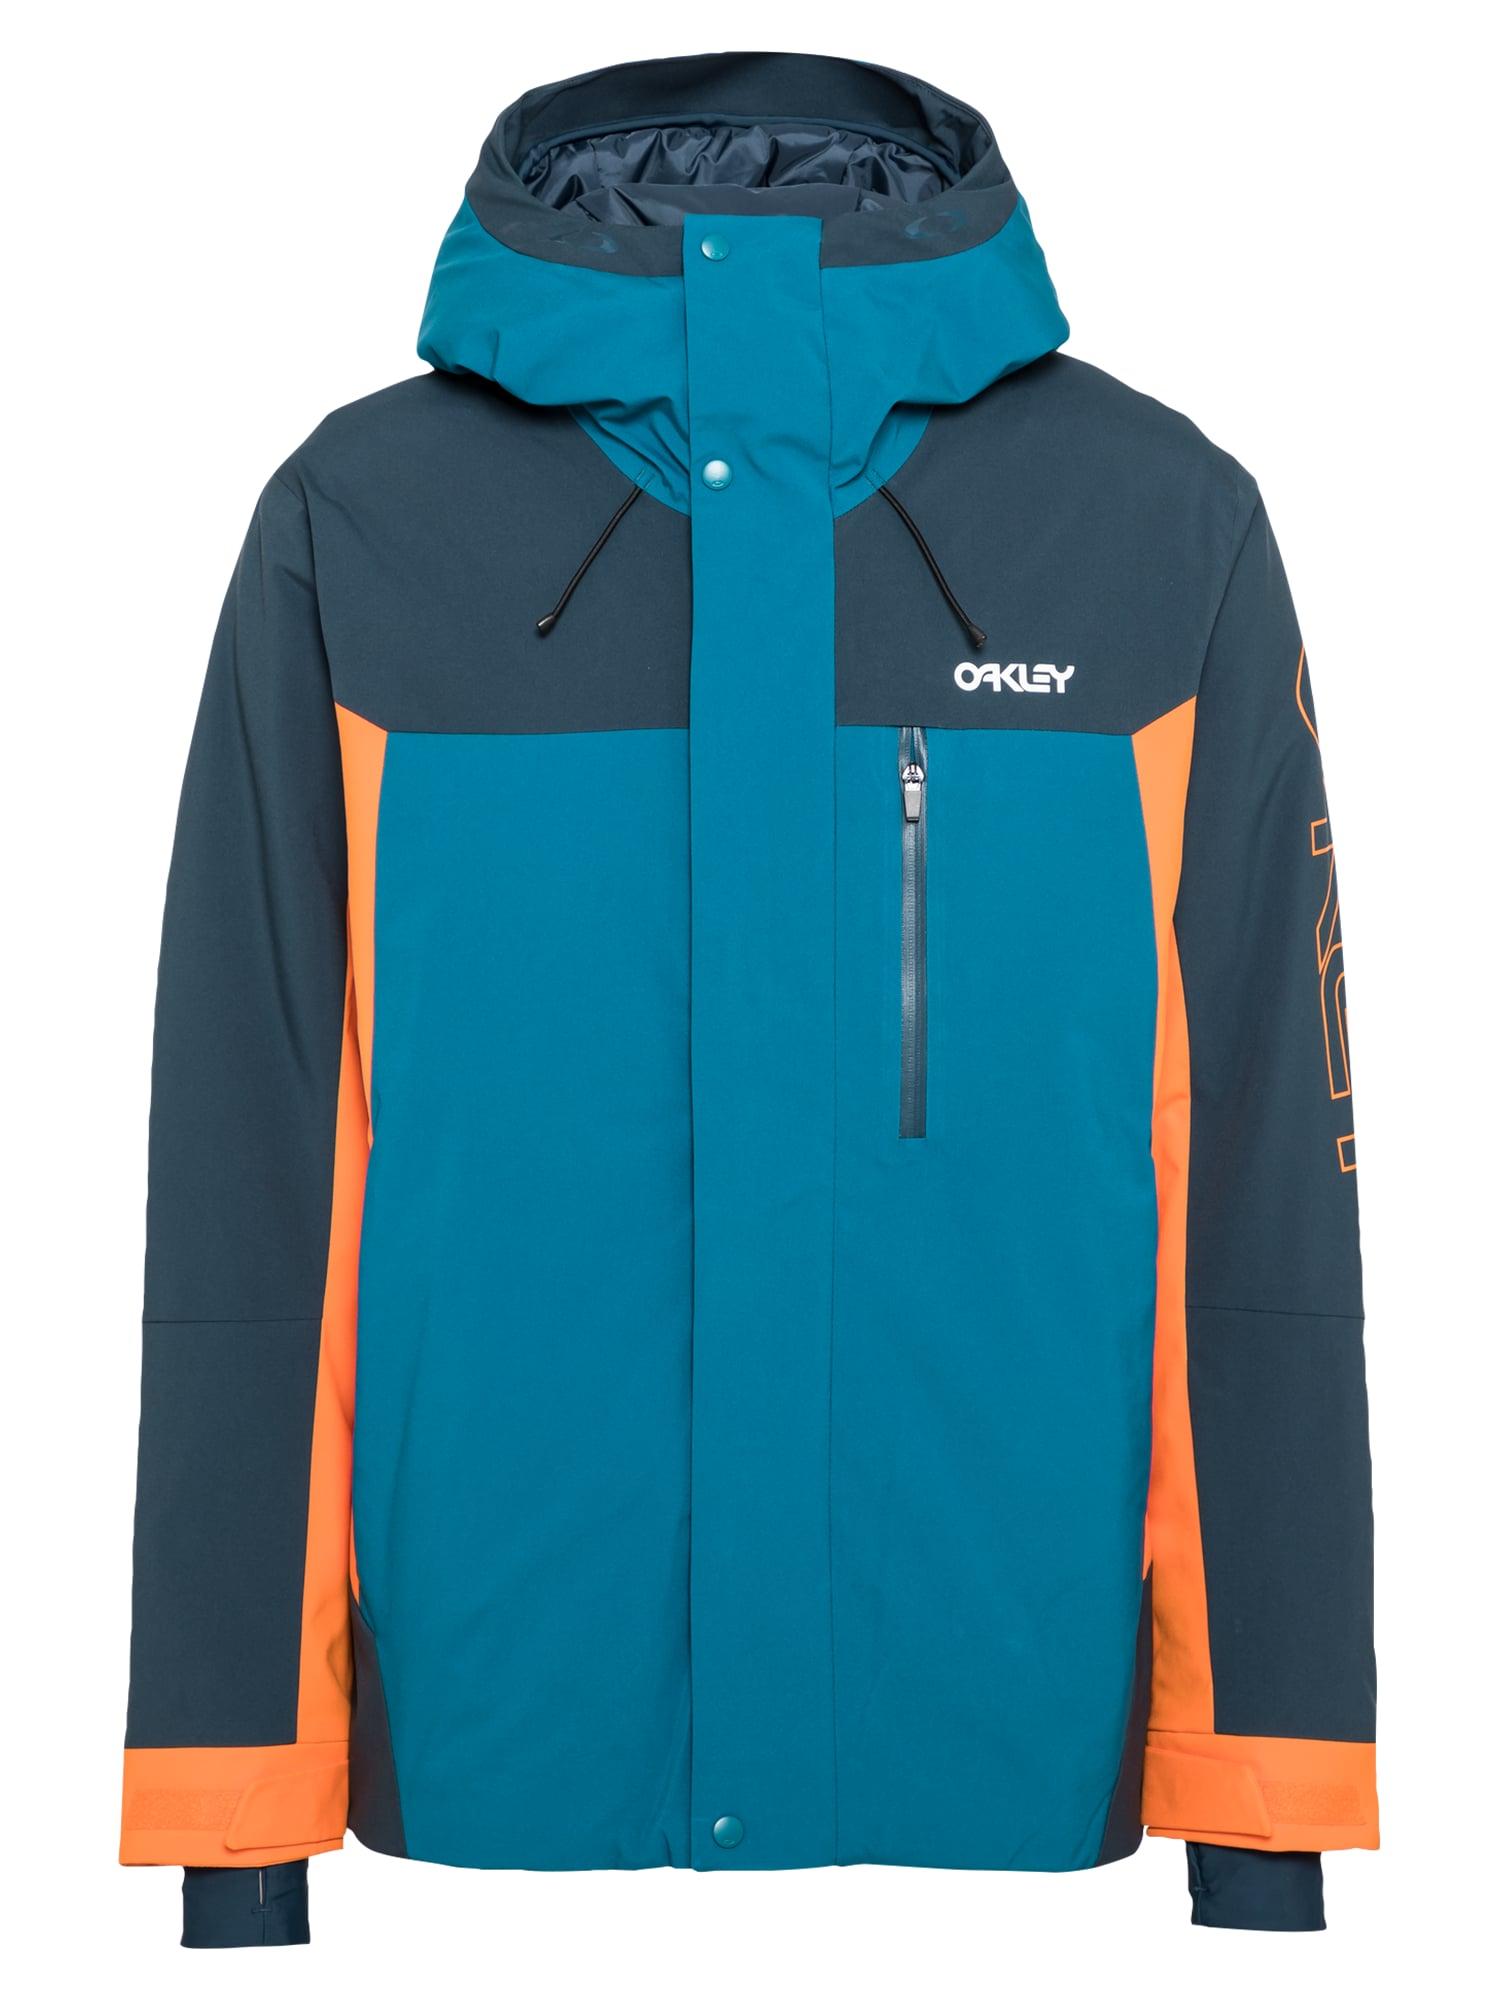 OAKLEY Laisvalaikio striukė mėlyna / tamsiai mėlyna / oranžinė